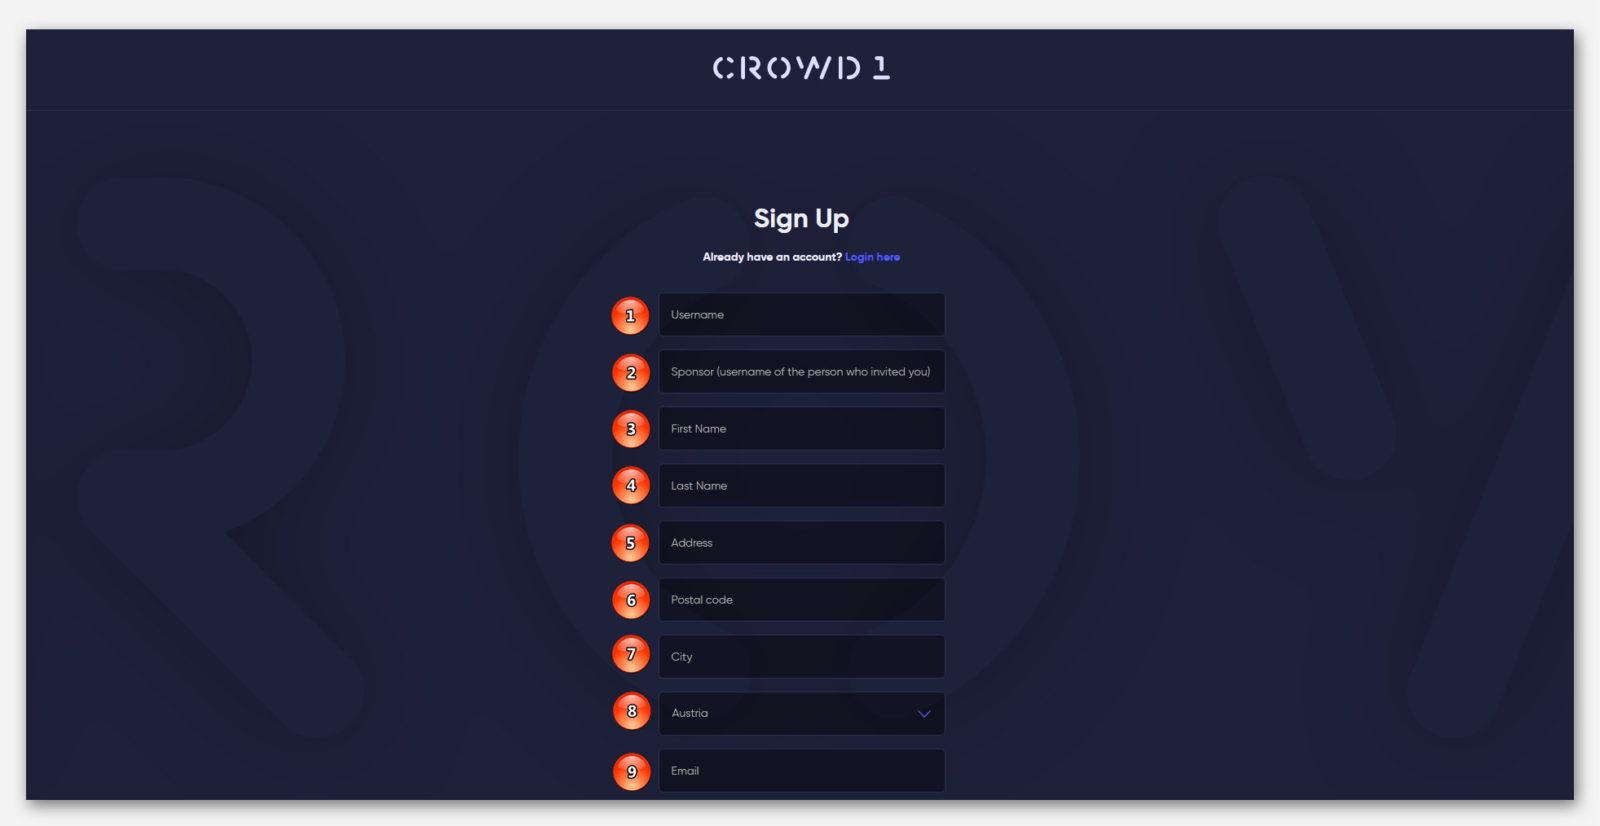 Регистрация в проекте CROWD1